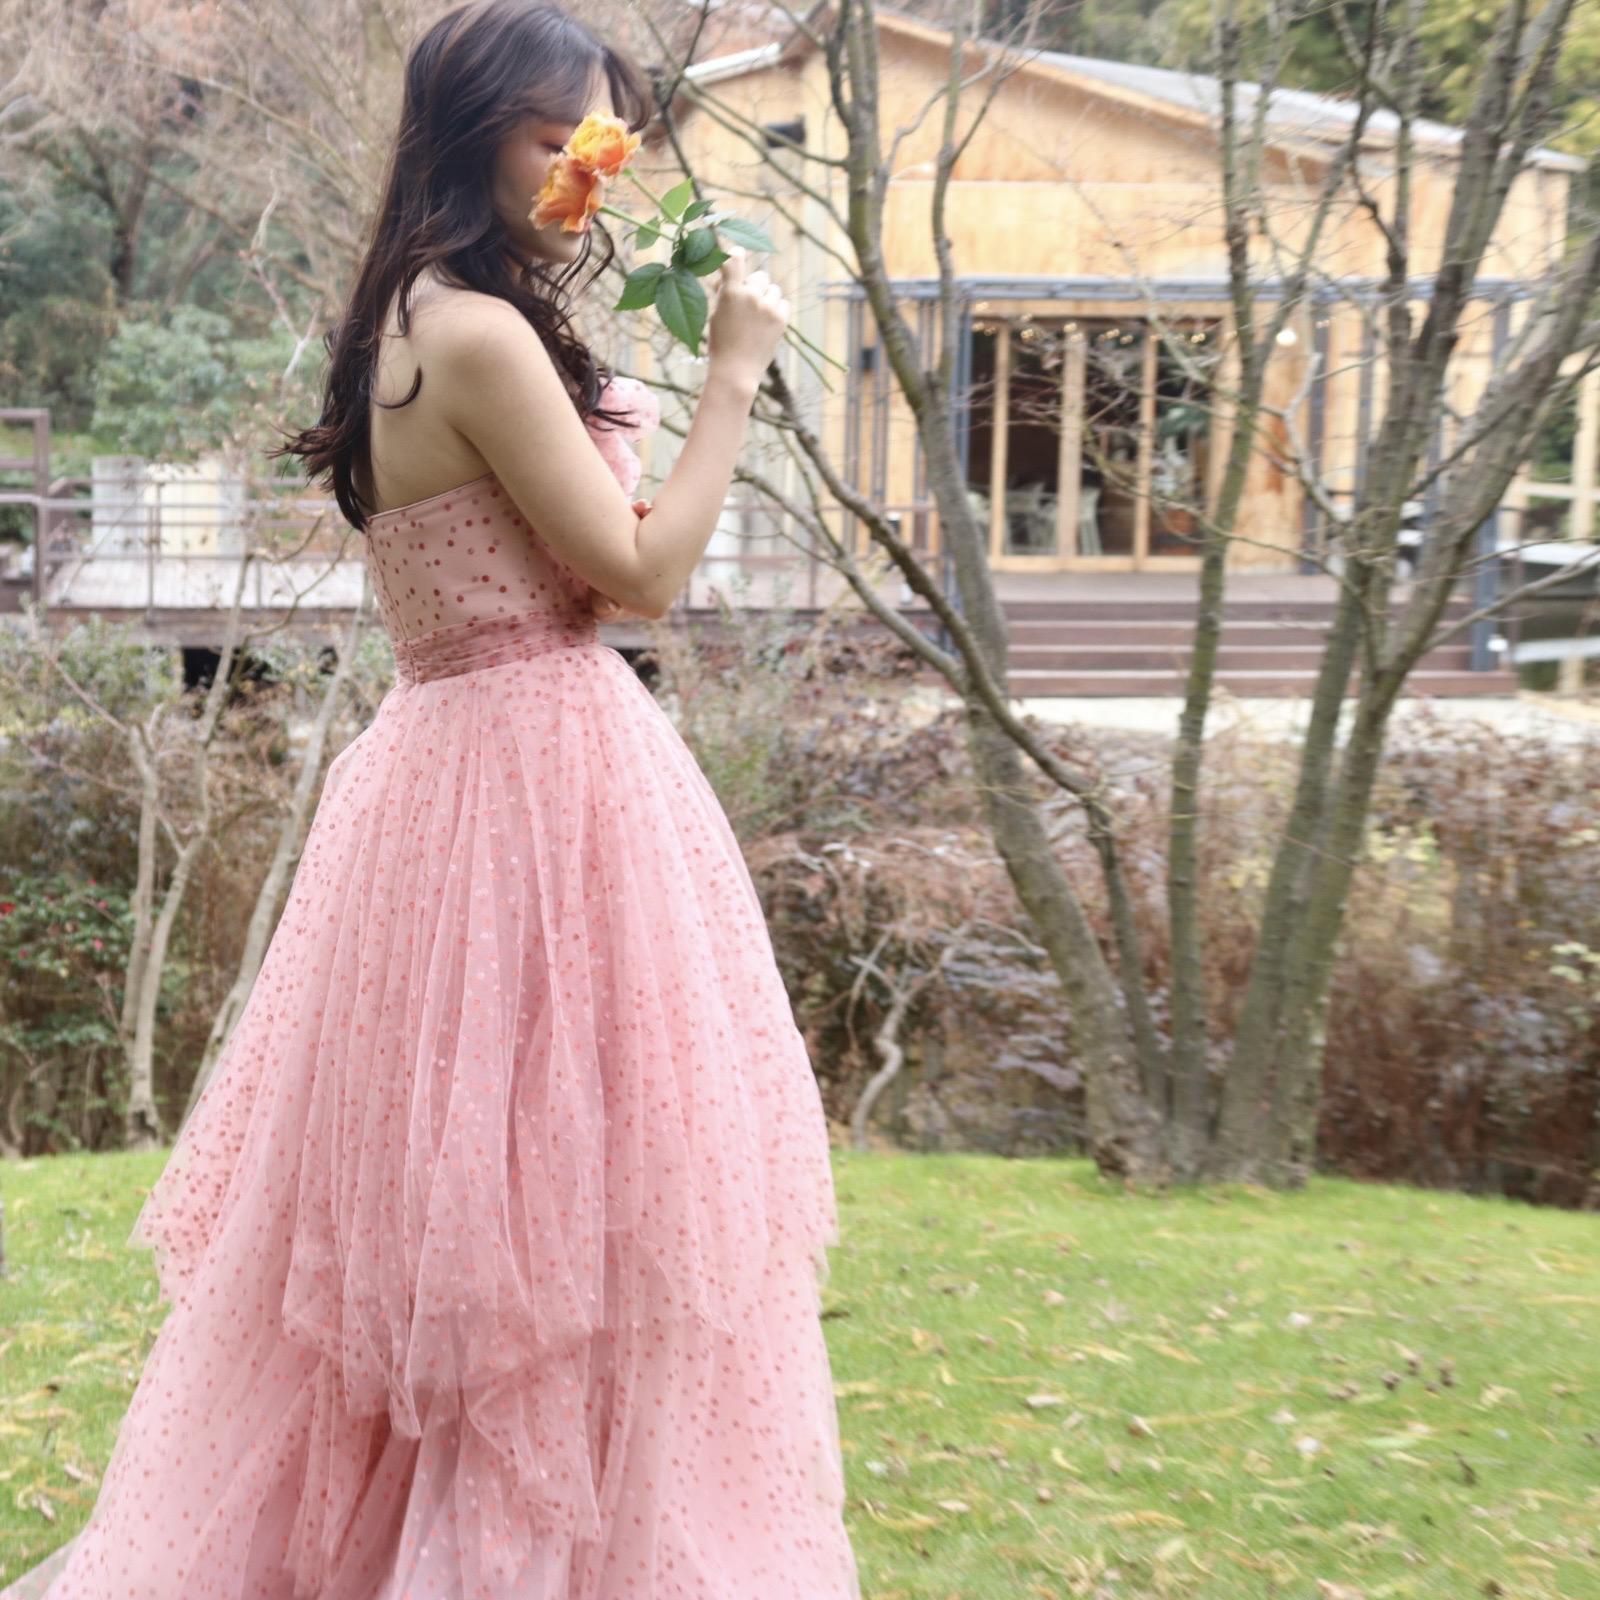 ガーデンがある緑豊かな大阪の結婚式場におすすめしたいオシャレなお色直しのコーディネートのご紹介